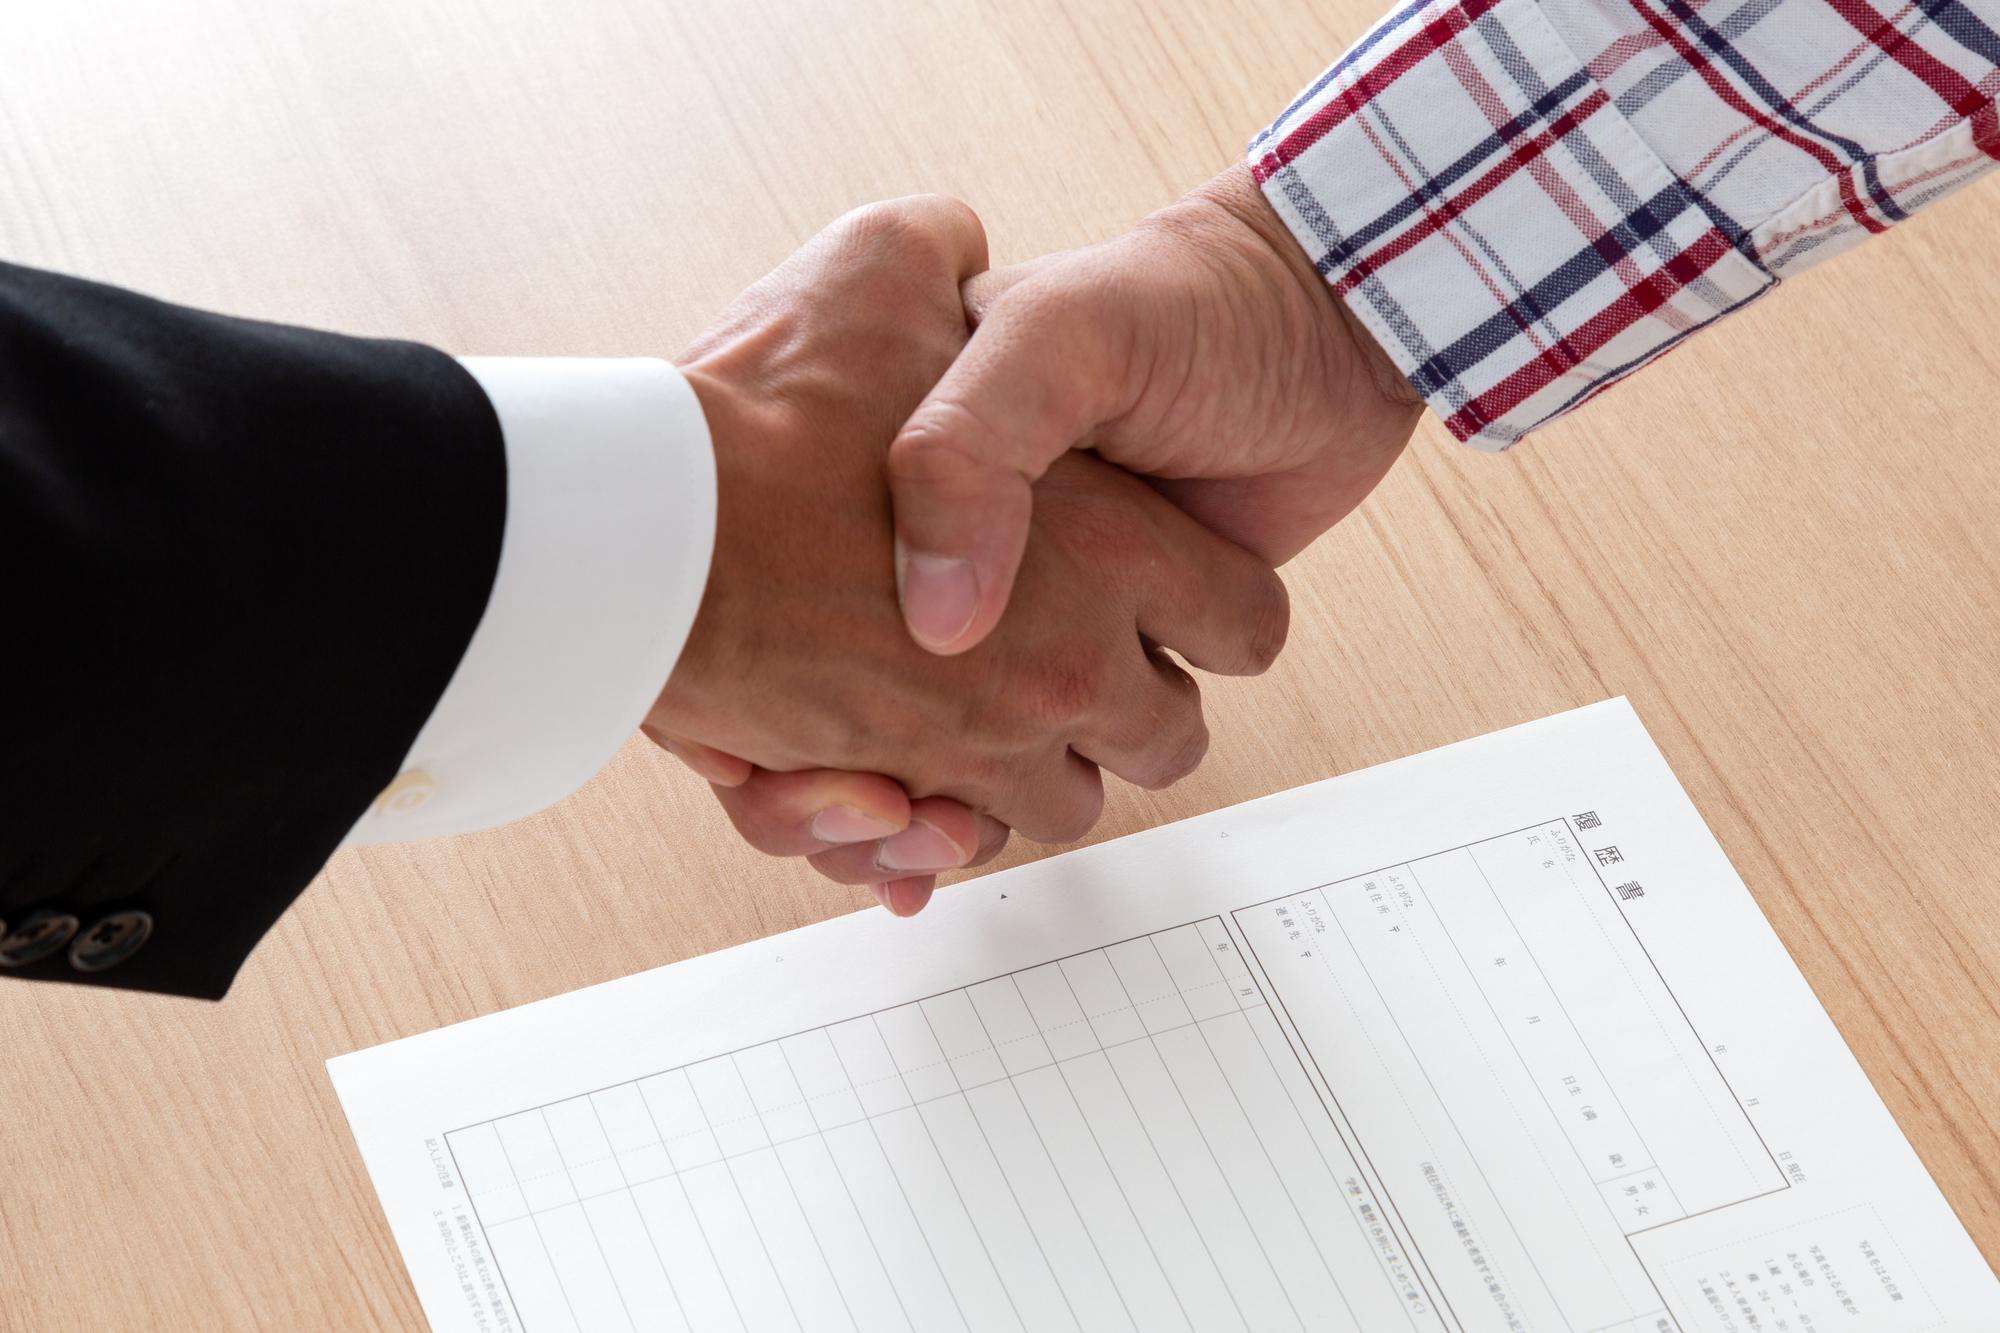 人材確保に活用!「特定求職者開発助成金」コース別の支給額と申請手続きの注意点